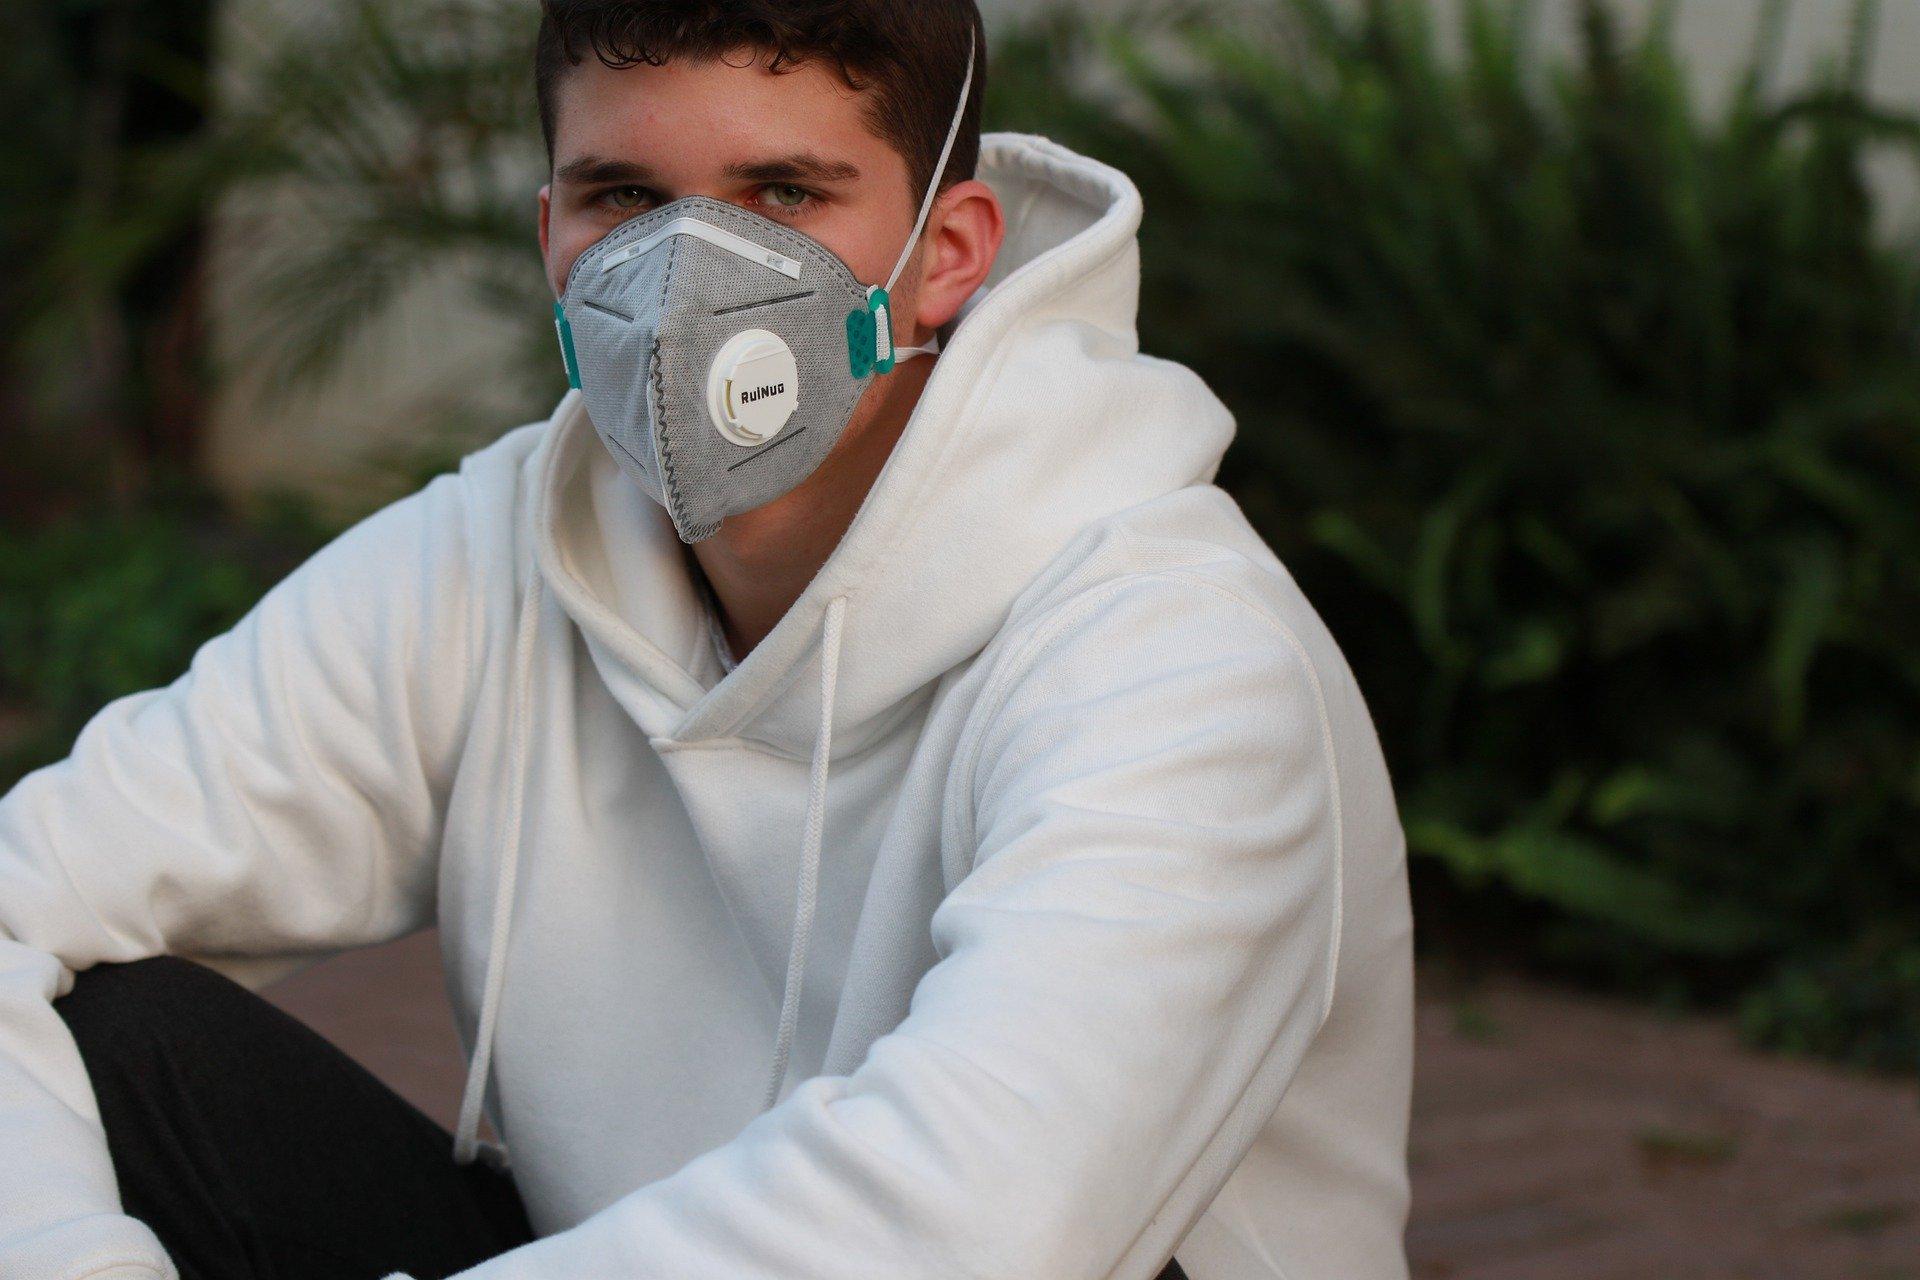 Jak pandemia wpływa na kondycję psychiczną młodzieży?